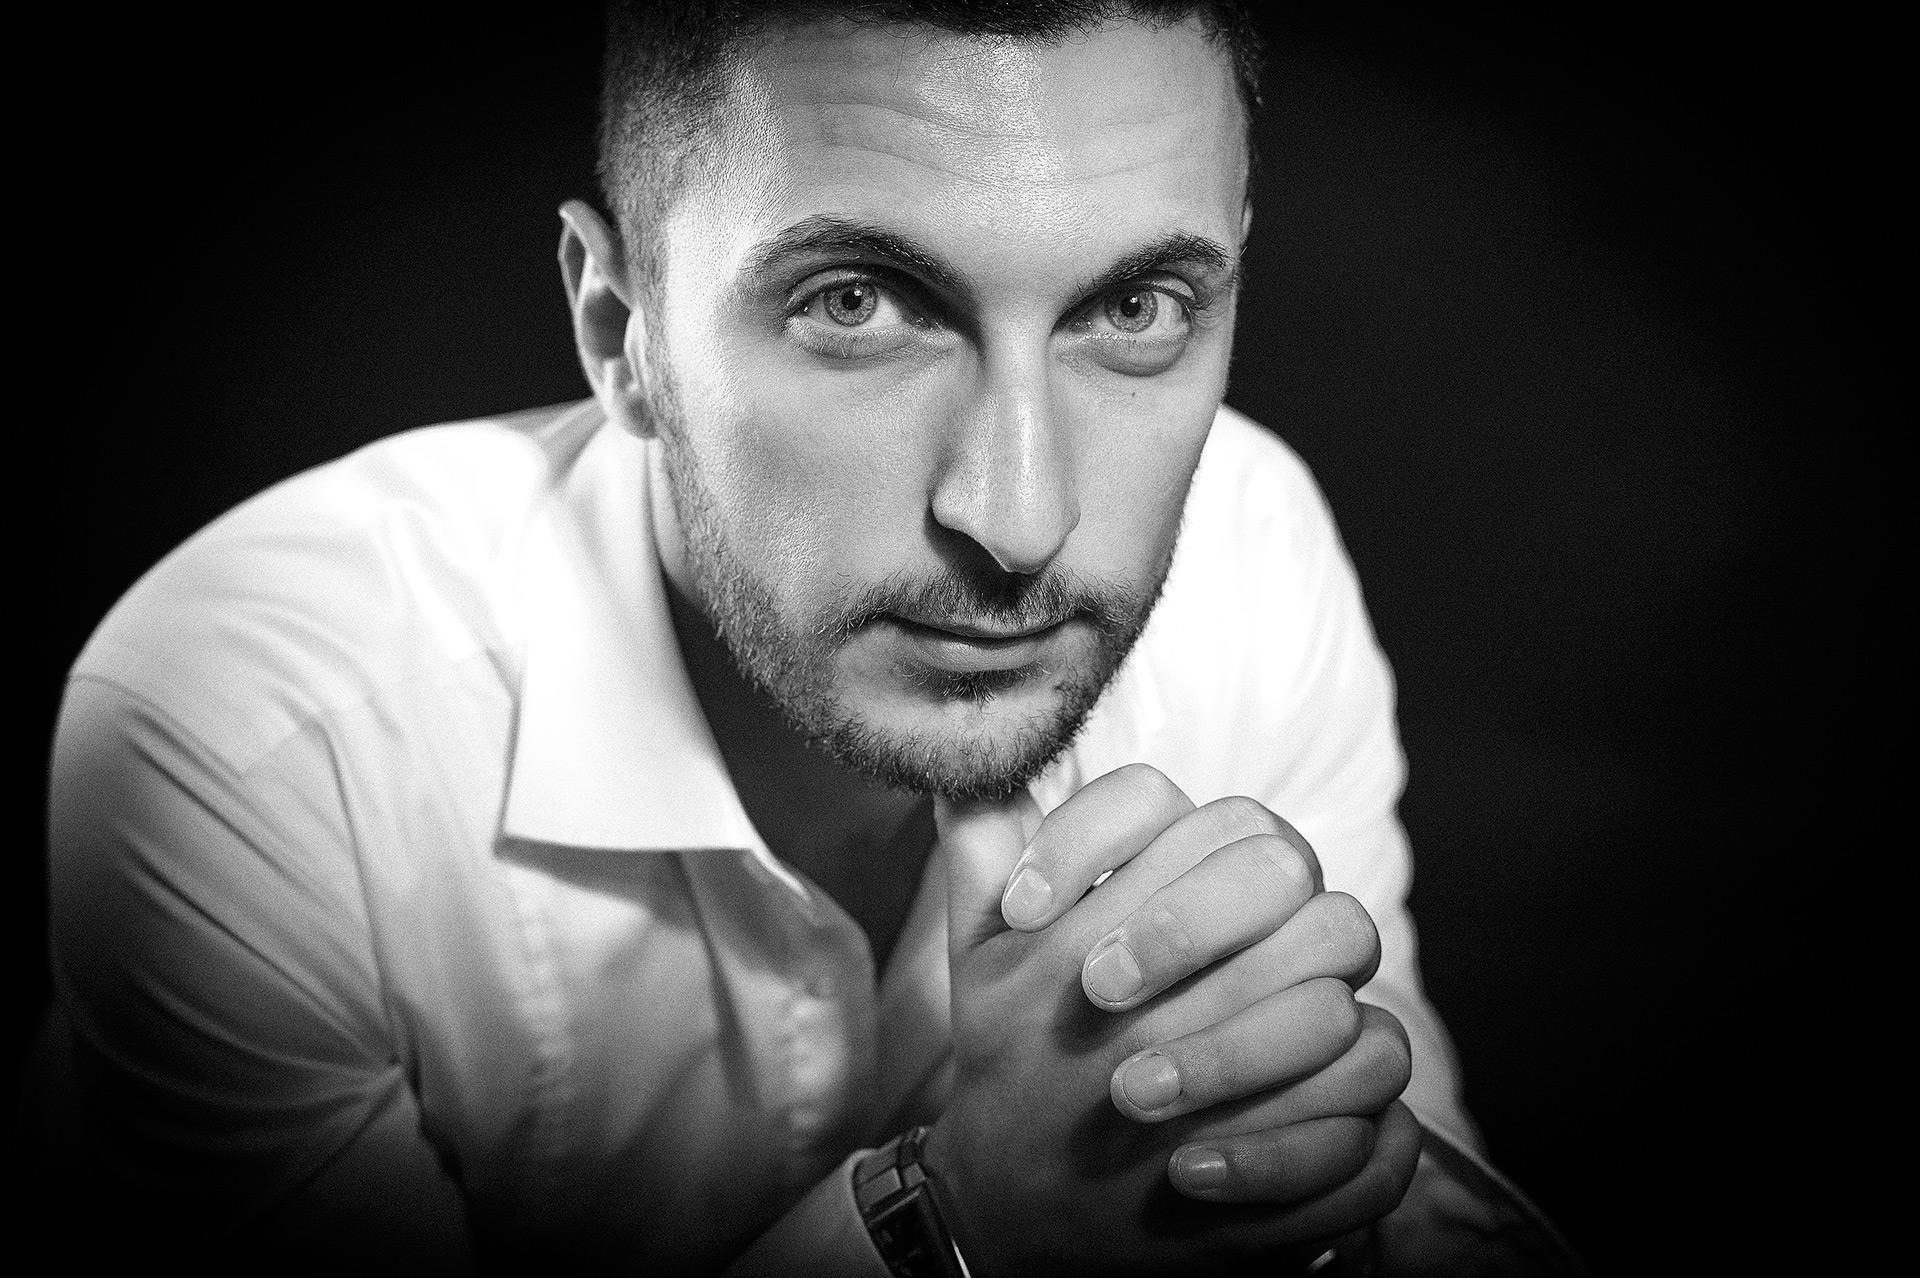 Shooting Homme Portrait Studio ou Lifestyle © Sylvain Gelineau Photographe